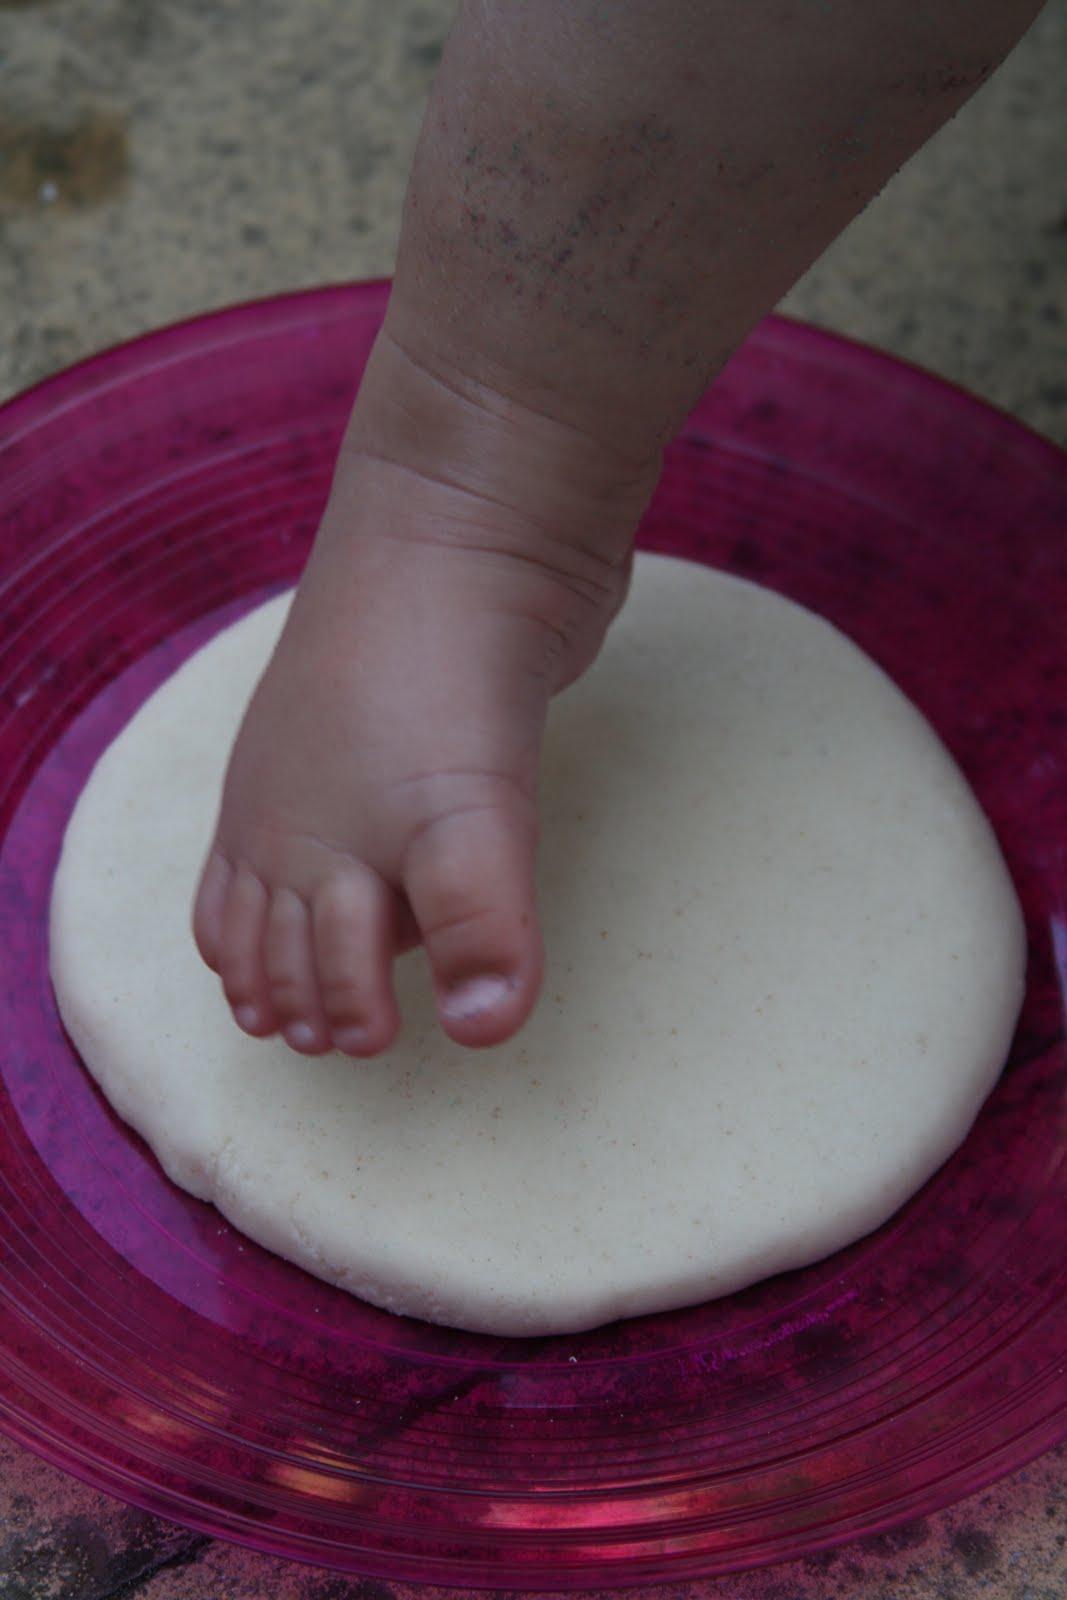 След ножки. Поделка из соленого теста.своими руками мастер класс